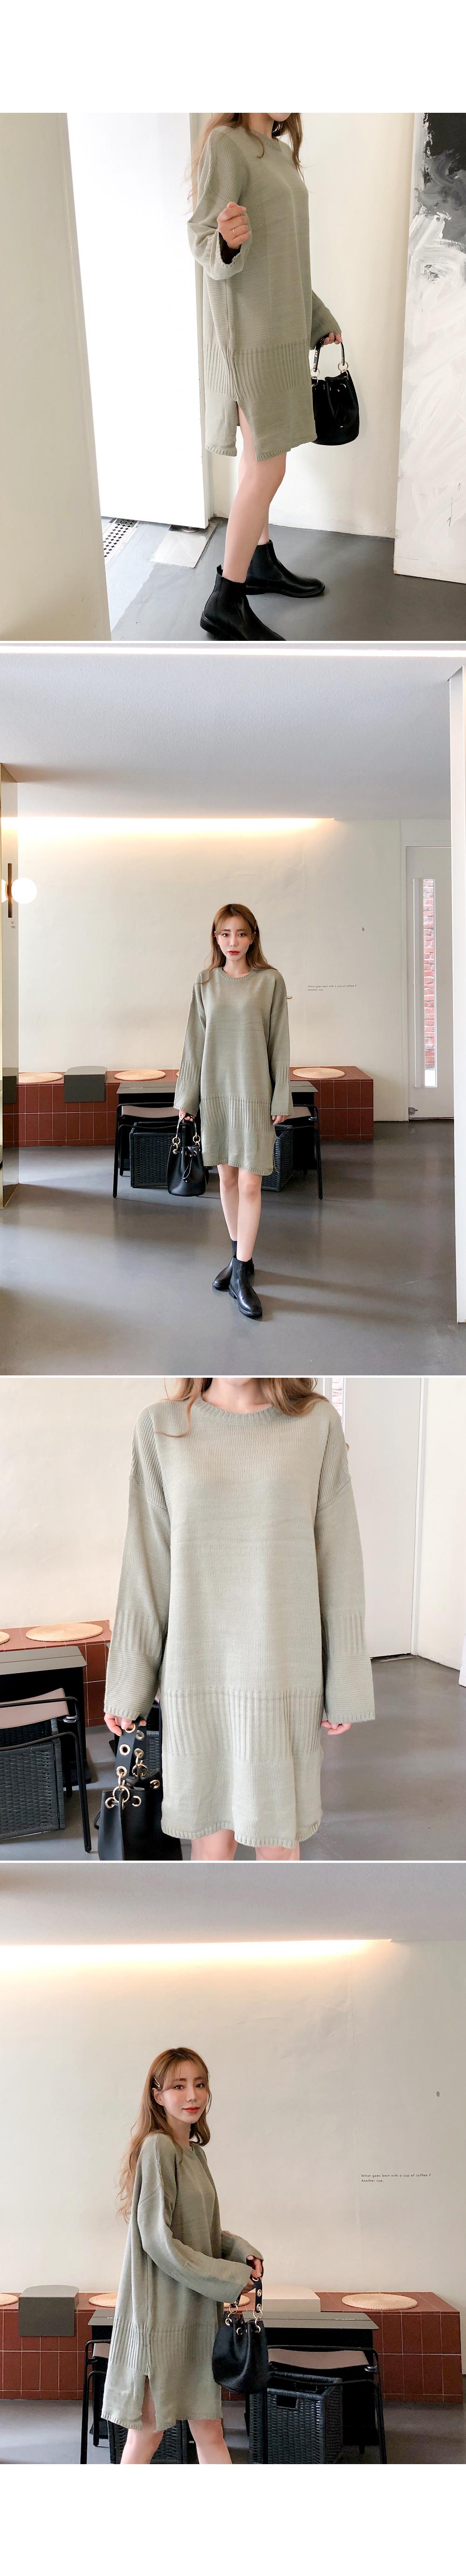 Warm knit dress